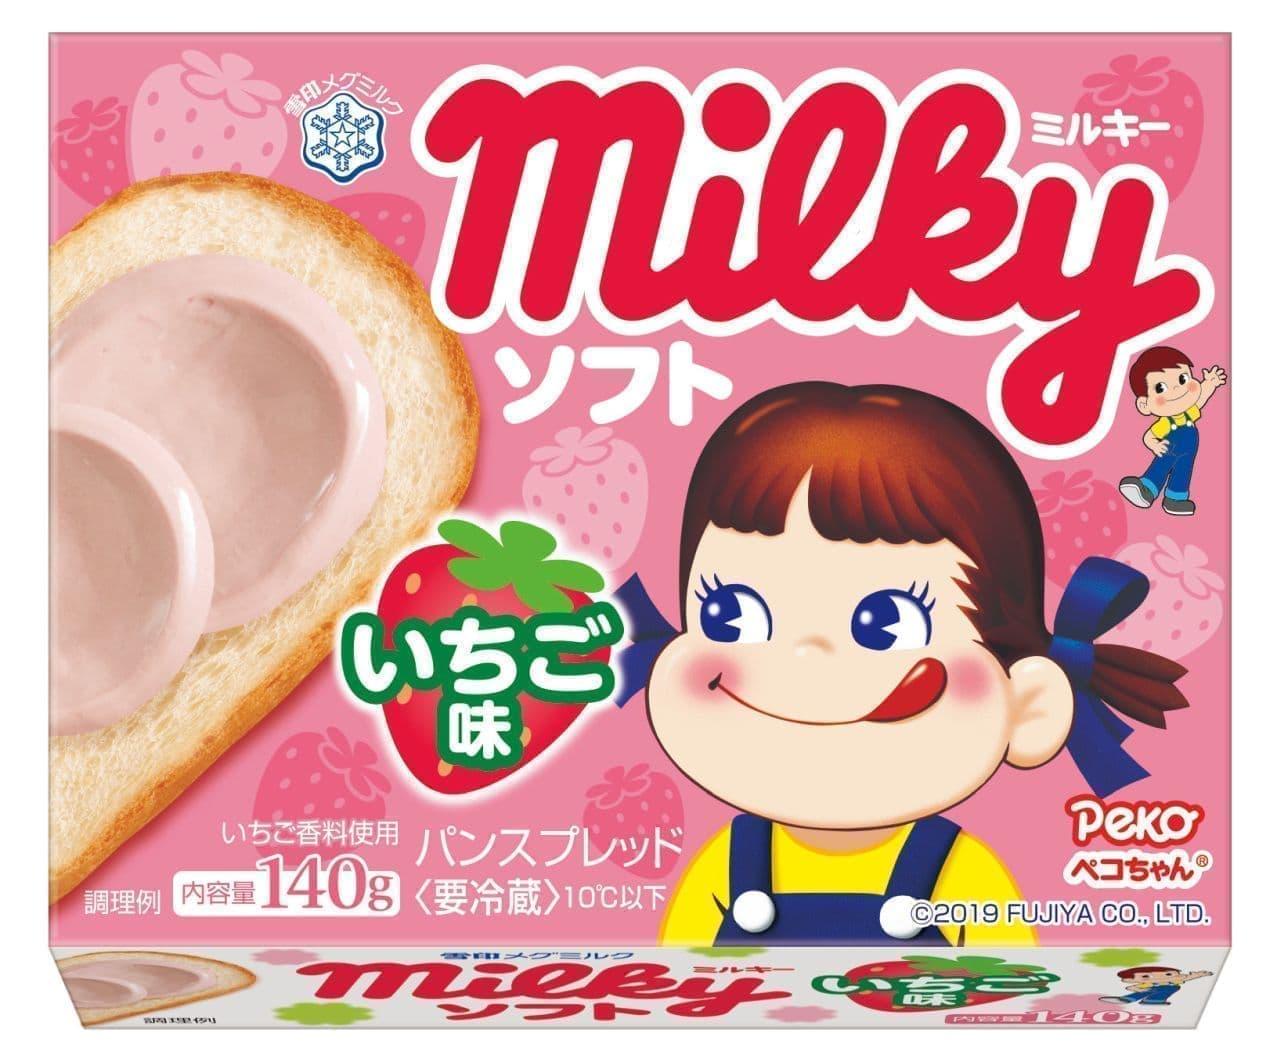 雪印メグミルク「ミルキー ソフト いちご味」